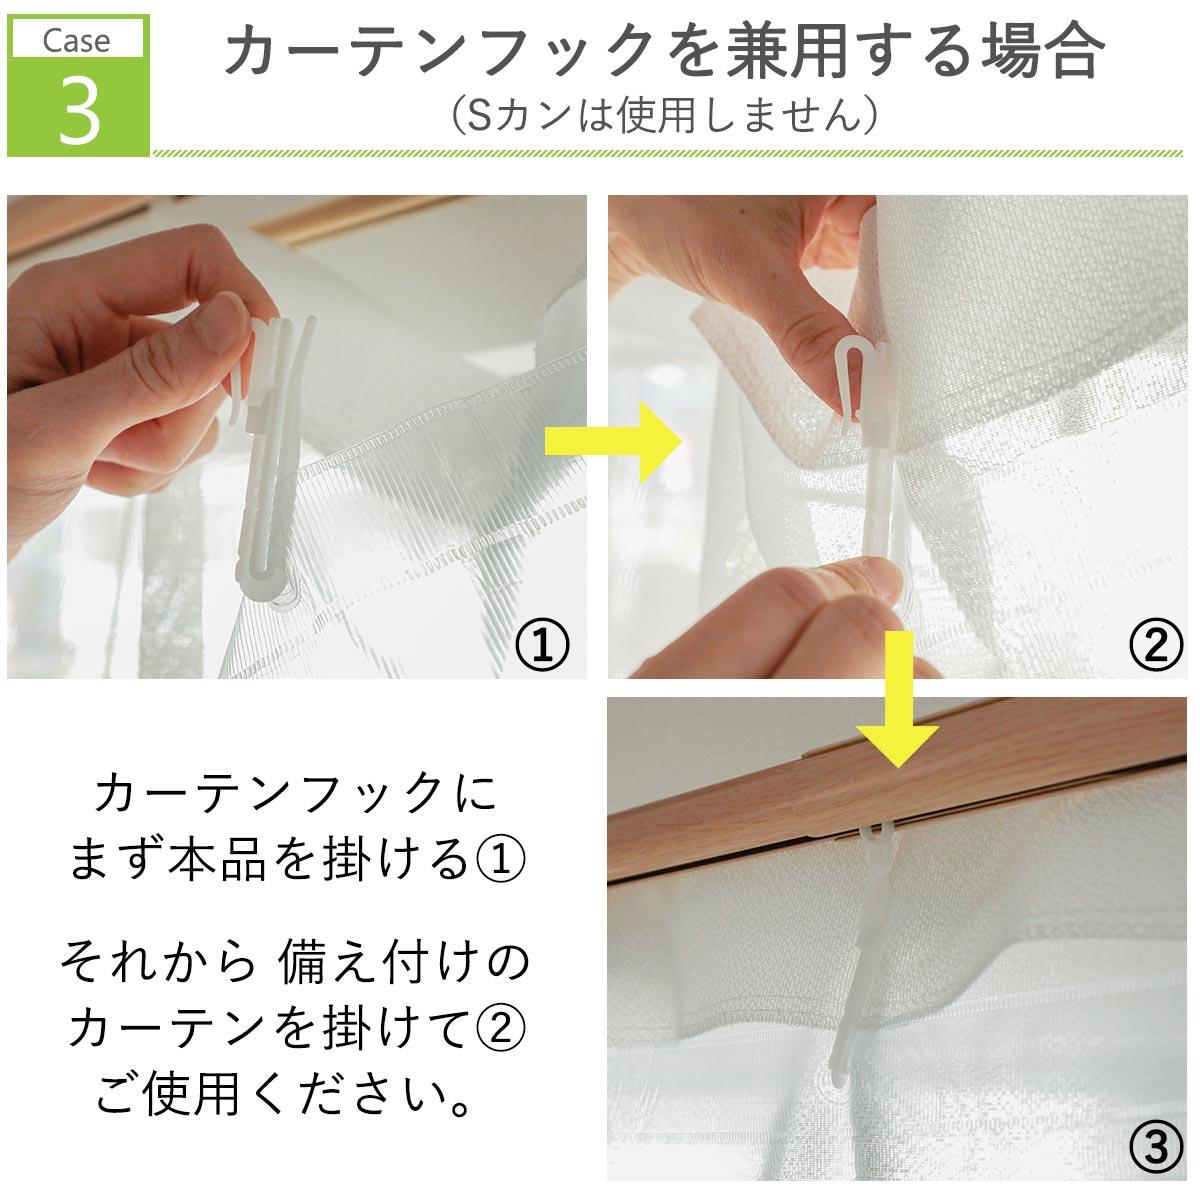 断熱カーテンライナー取り付け方法3